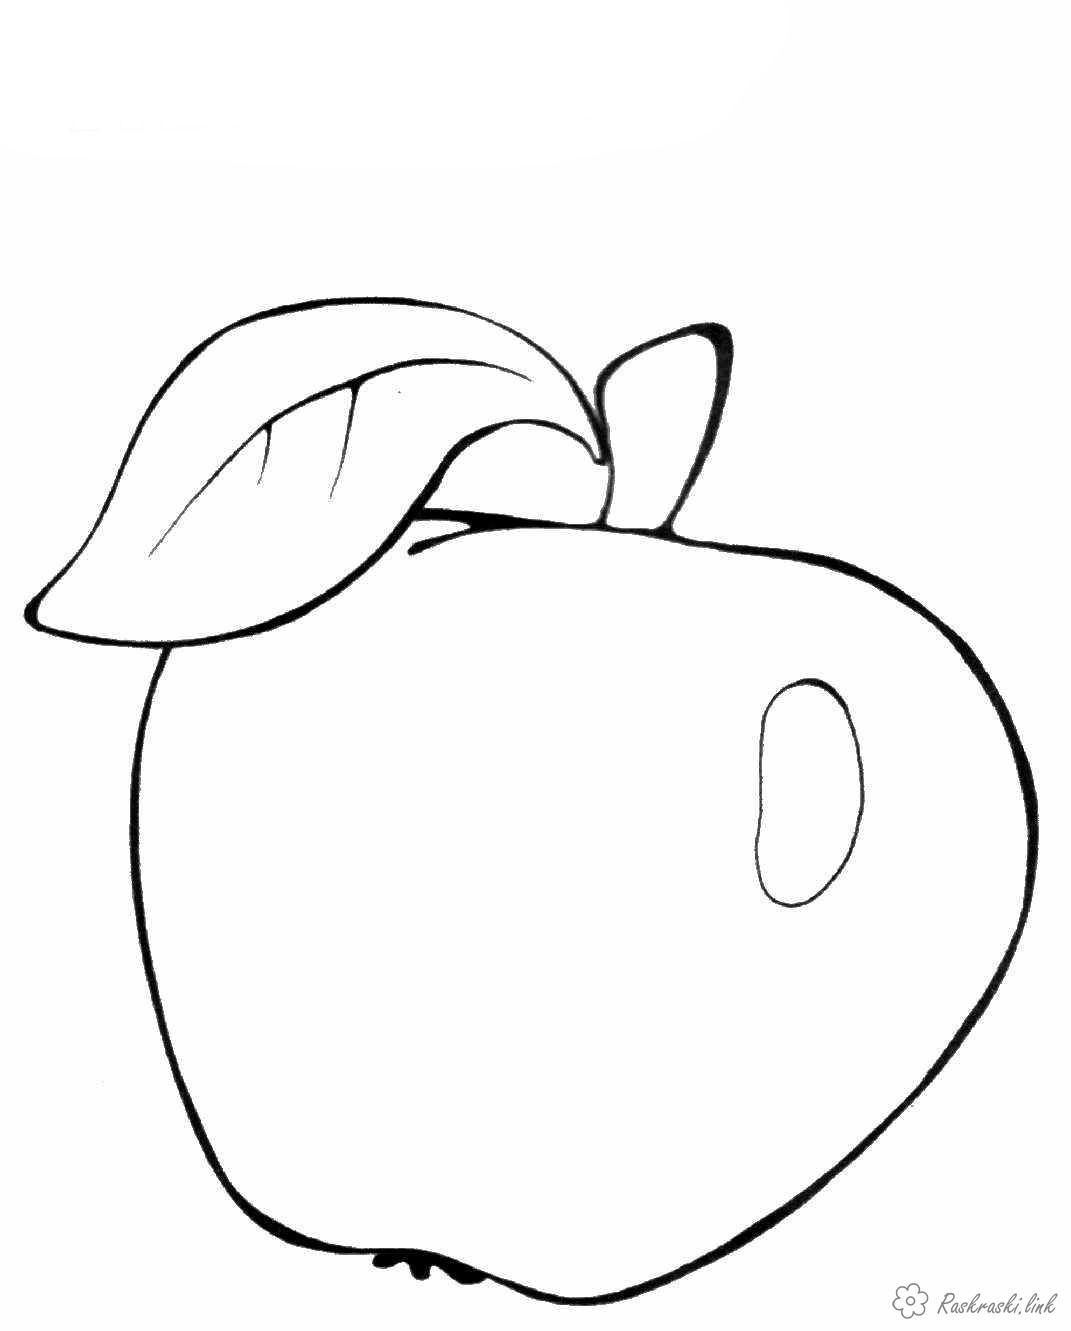 Розмальовки Яблука  Зелене, ароматне, яблуко, розфарбування, дитяча